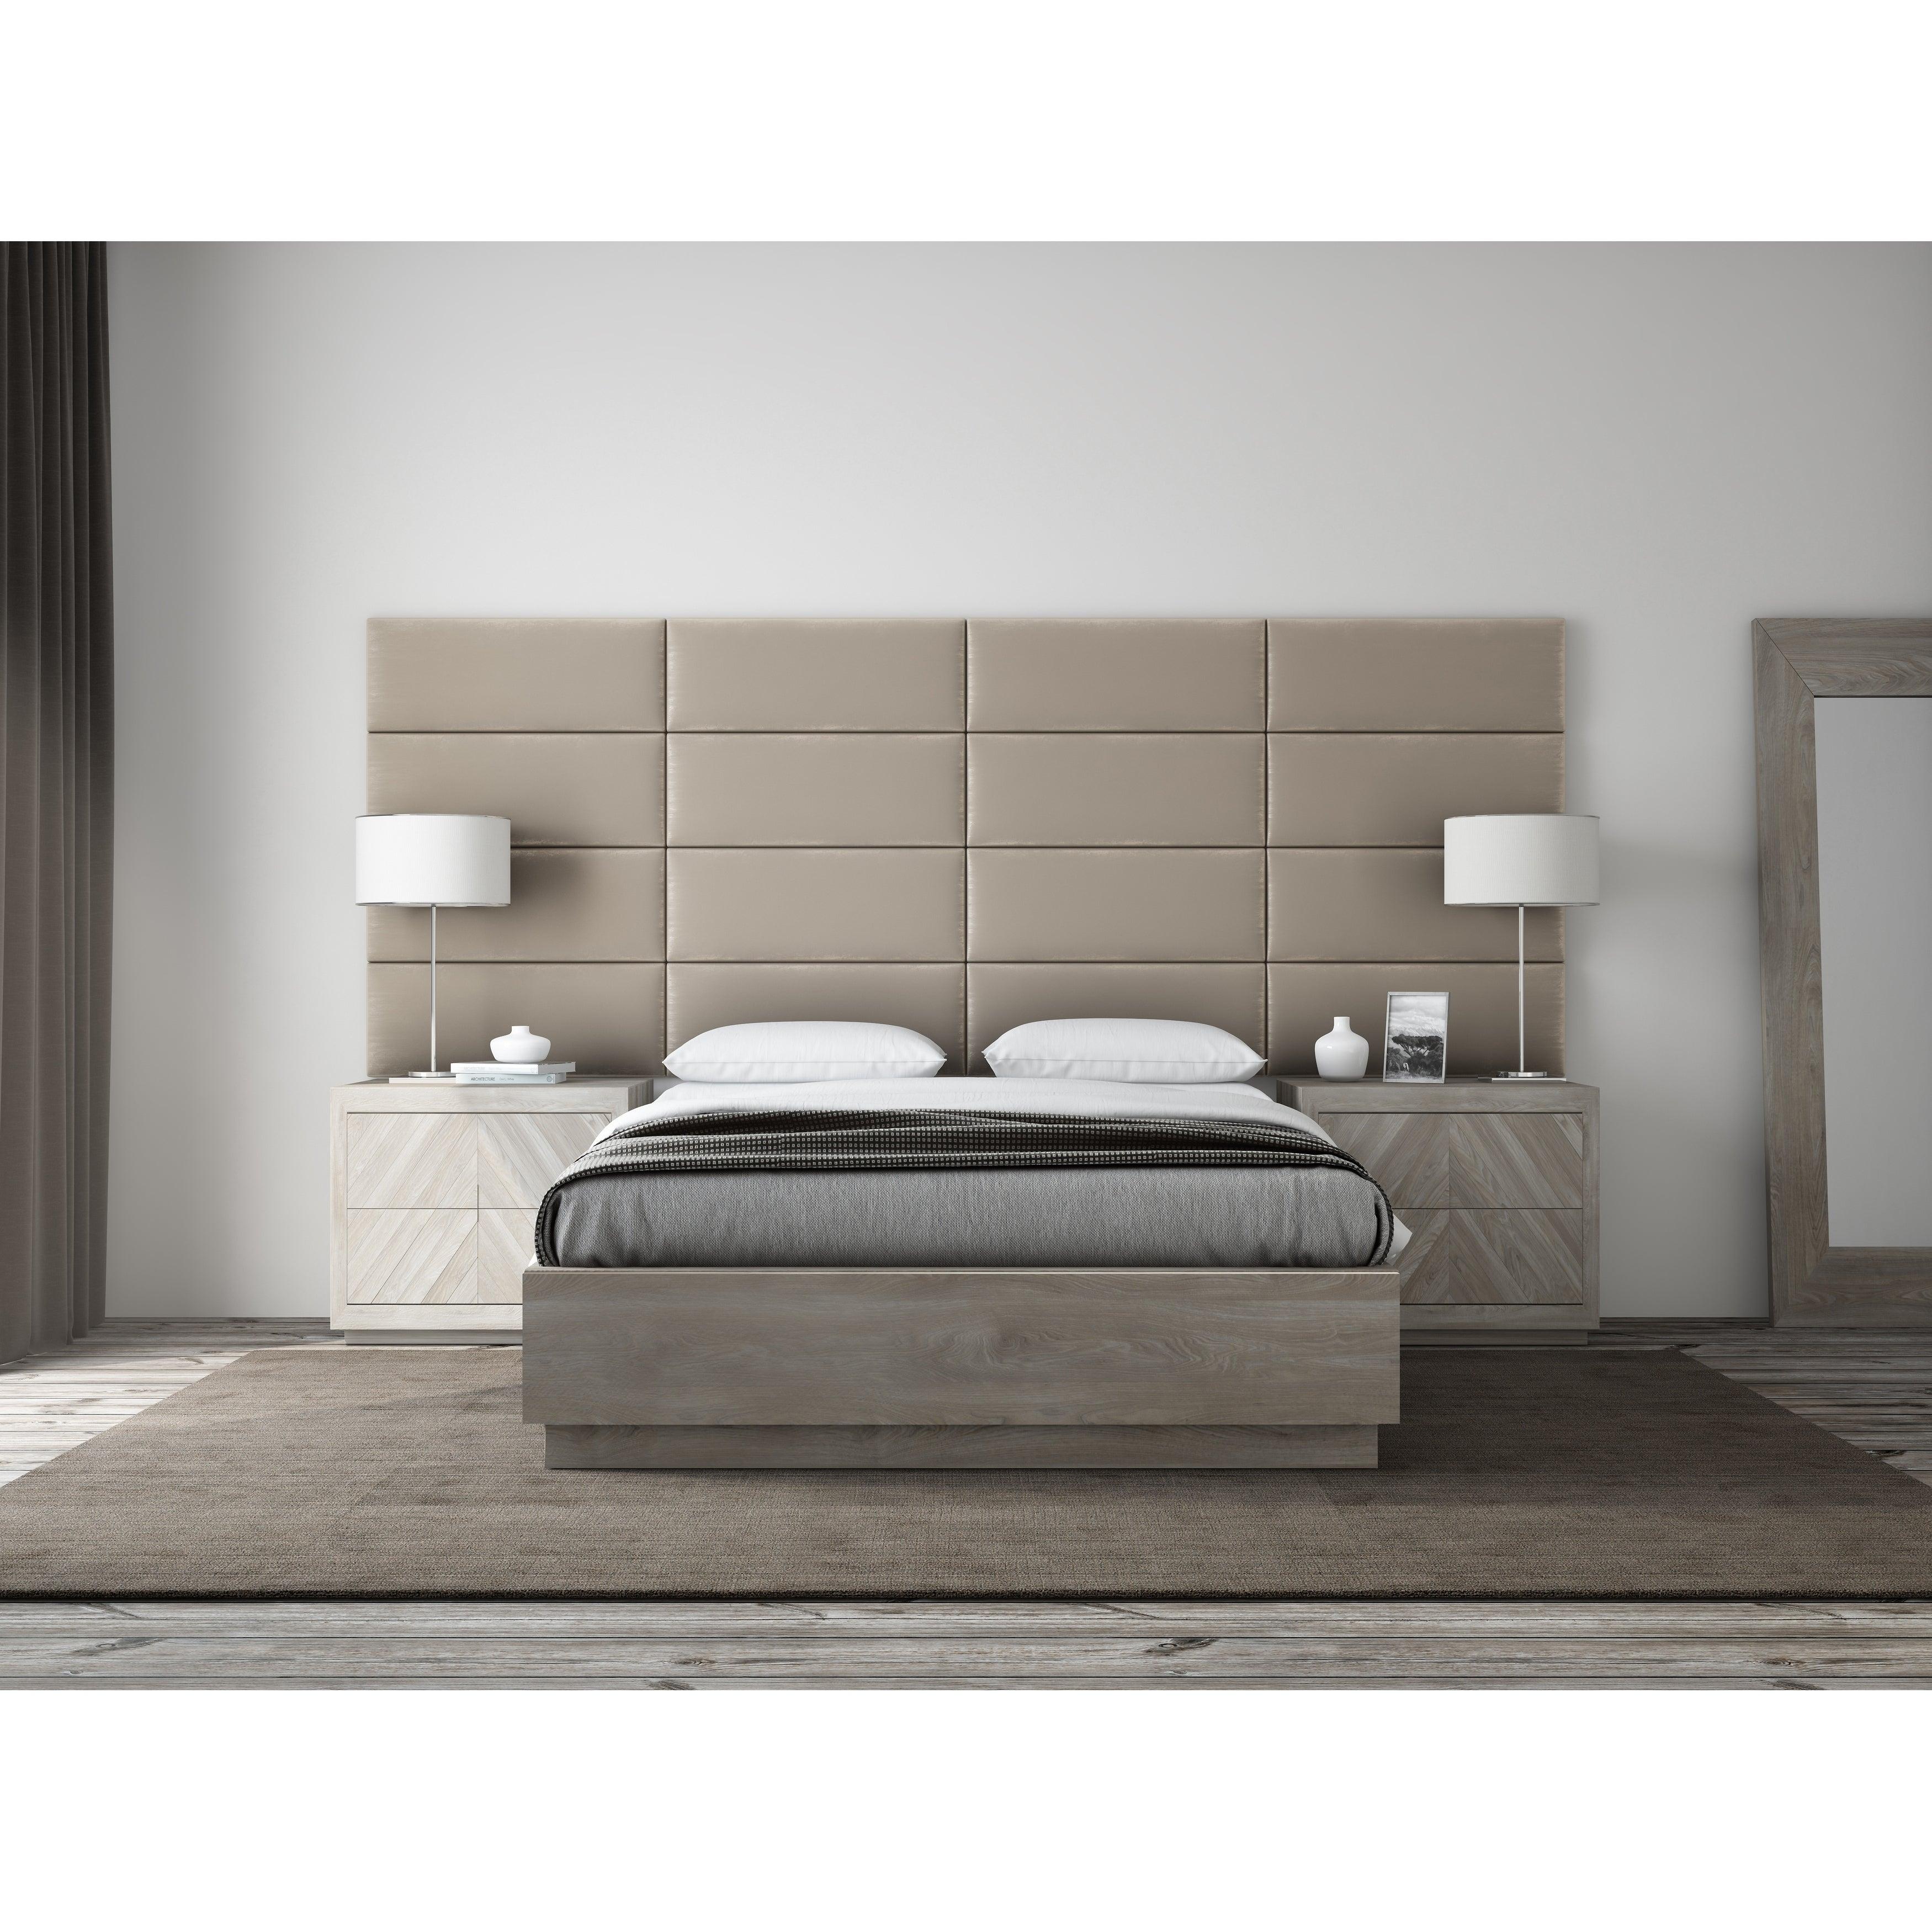 Headboards Footboards Plush Tan Velvet Velvet Upholstered Wall Panels Headboard Home Furniture Diy Tallergrafico Com Uy